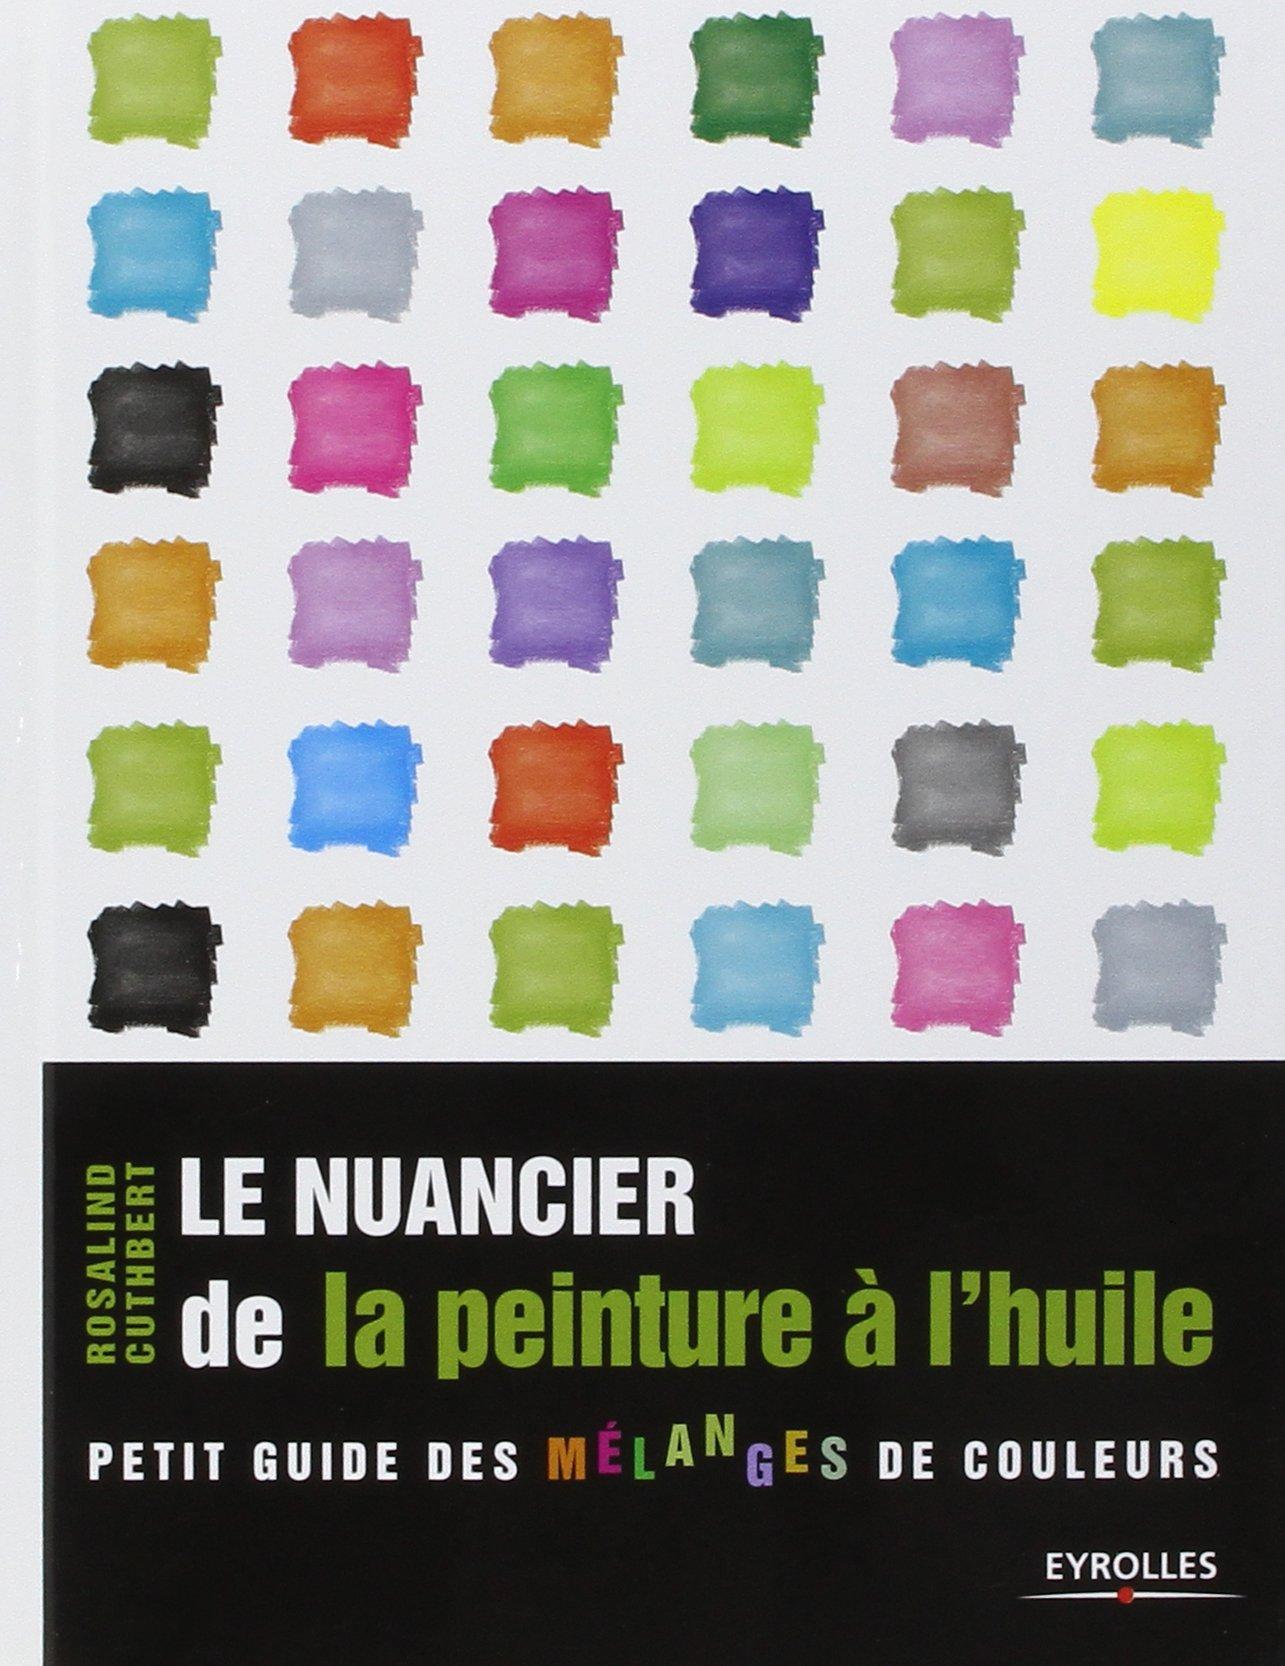 Amazon Fr Le Nuancier De La Peinture L Huile Petit Guide Des